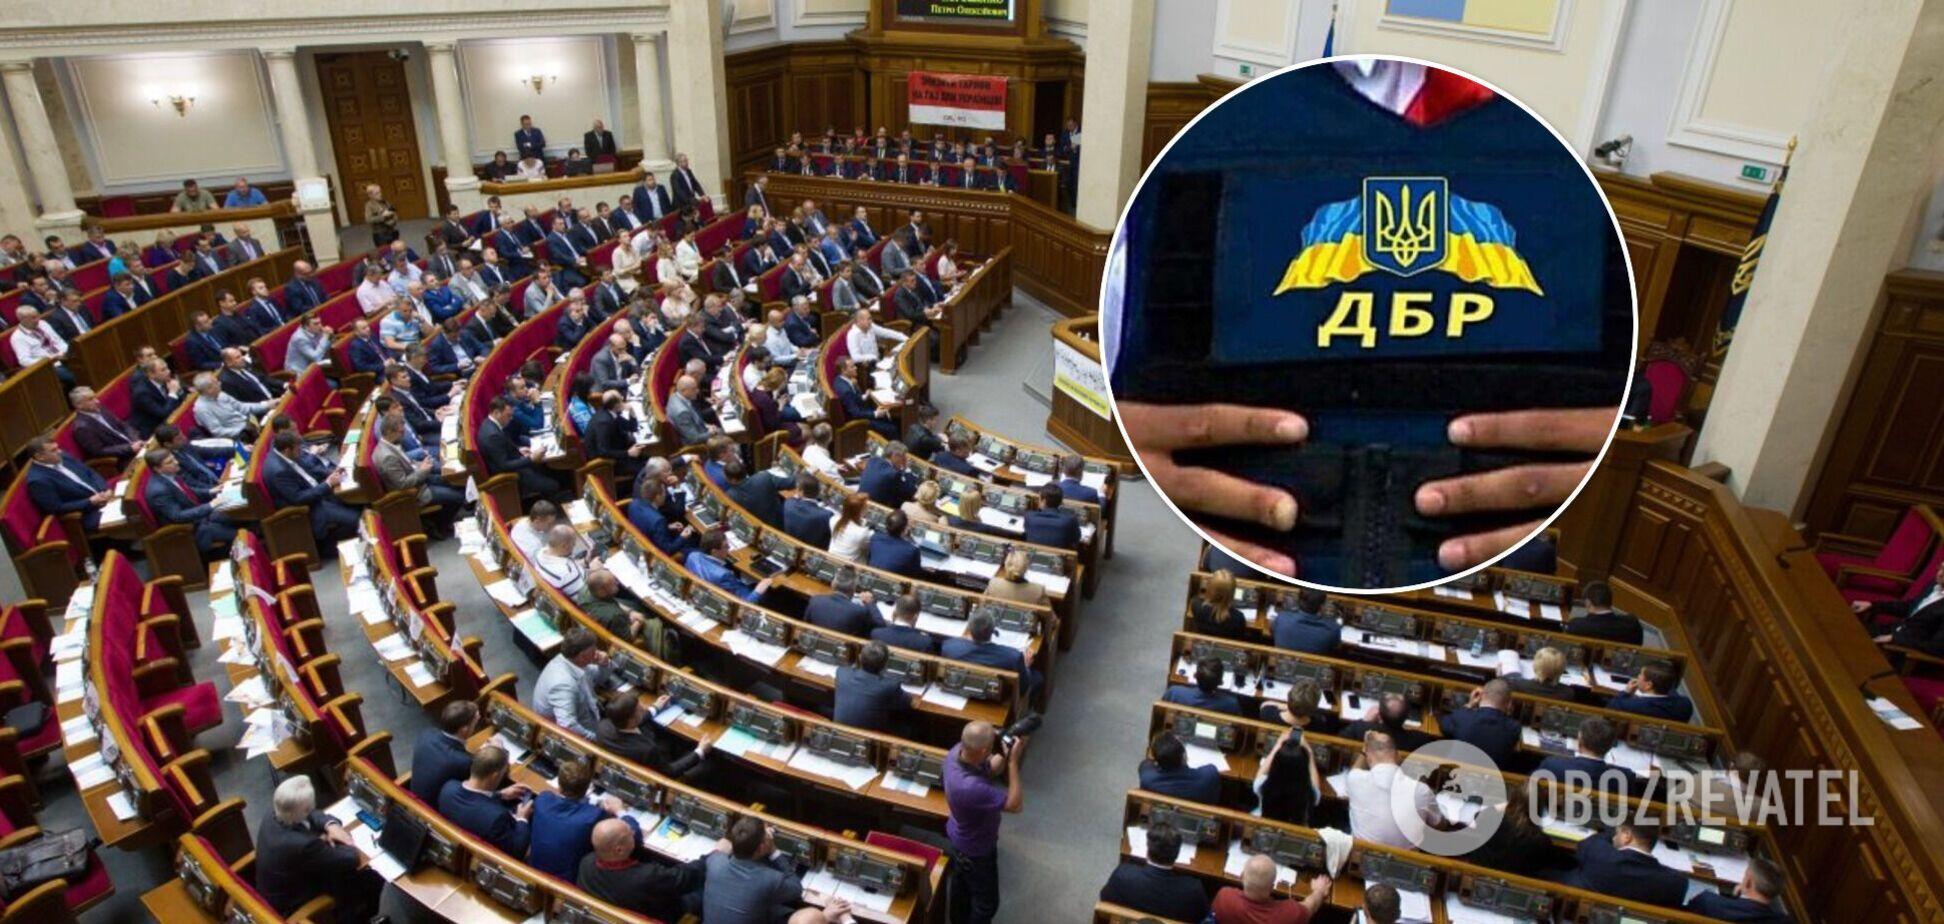 ГБР: нардеп ВРУ уклонился от уплаты налогов на сотню миллионов гривен. Фото